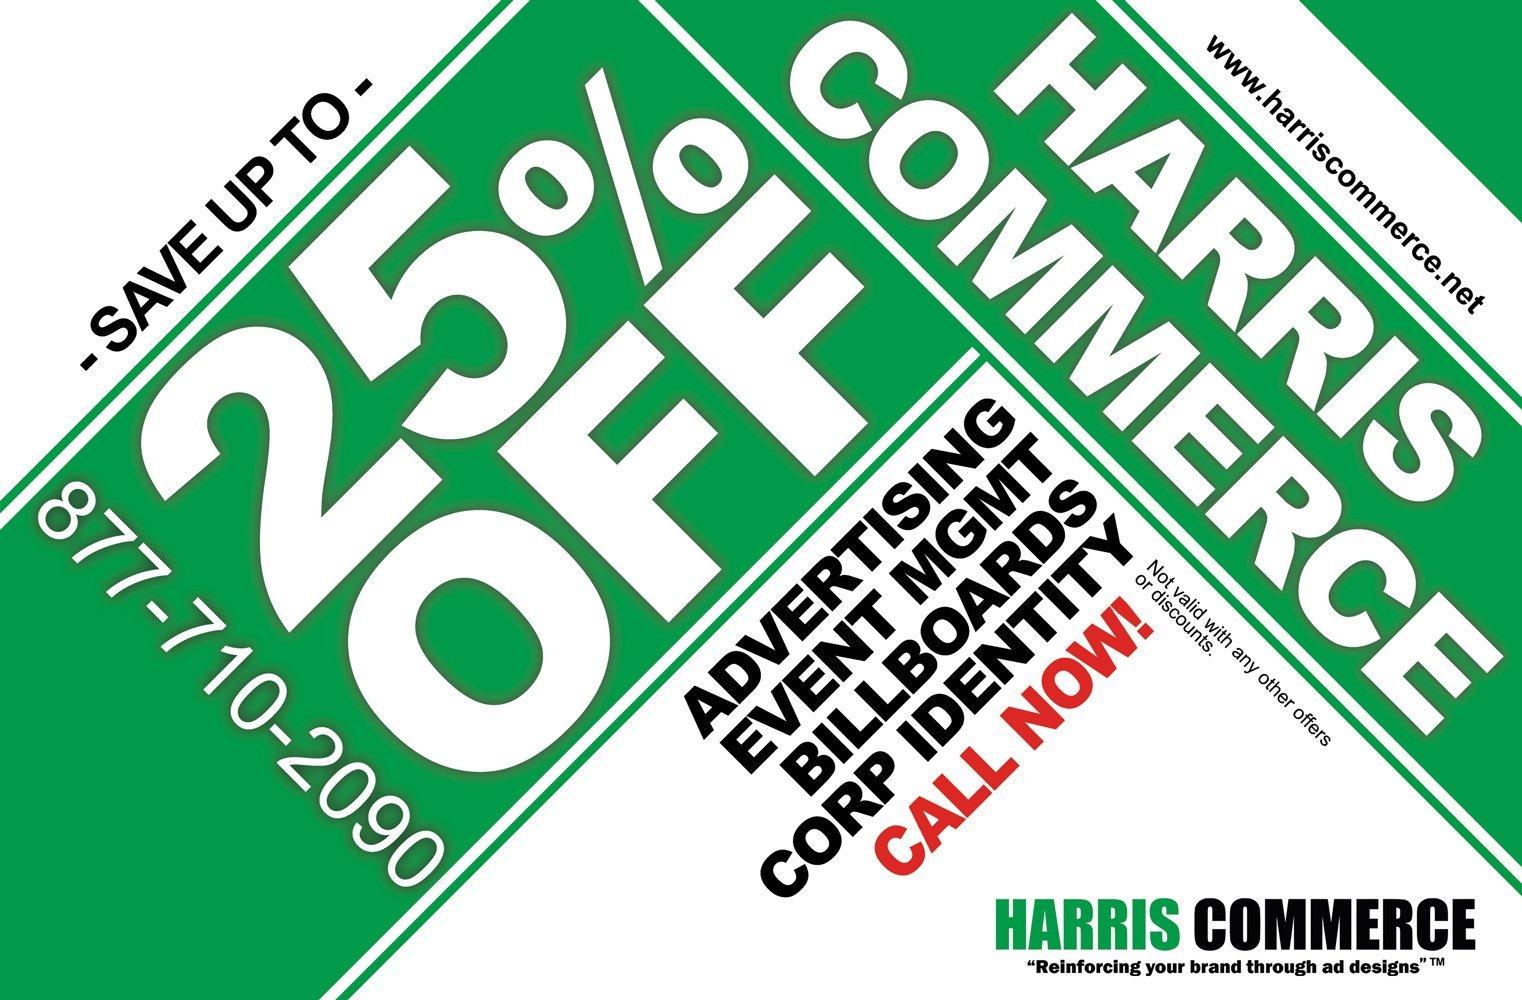 sample billboard or promotional mailer